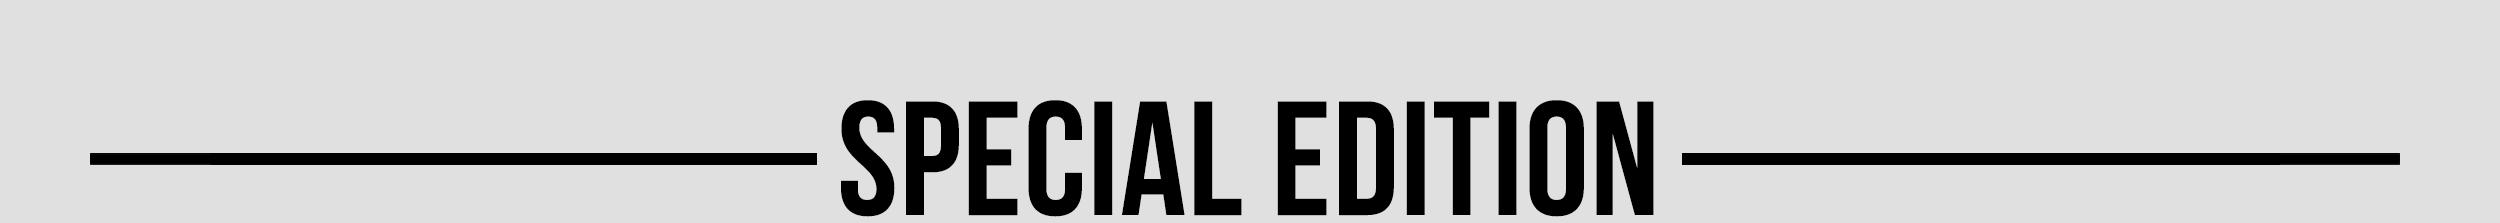 tev-special-edition-en